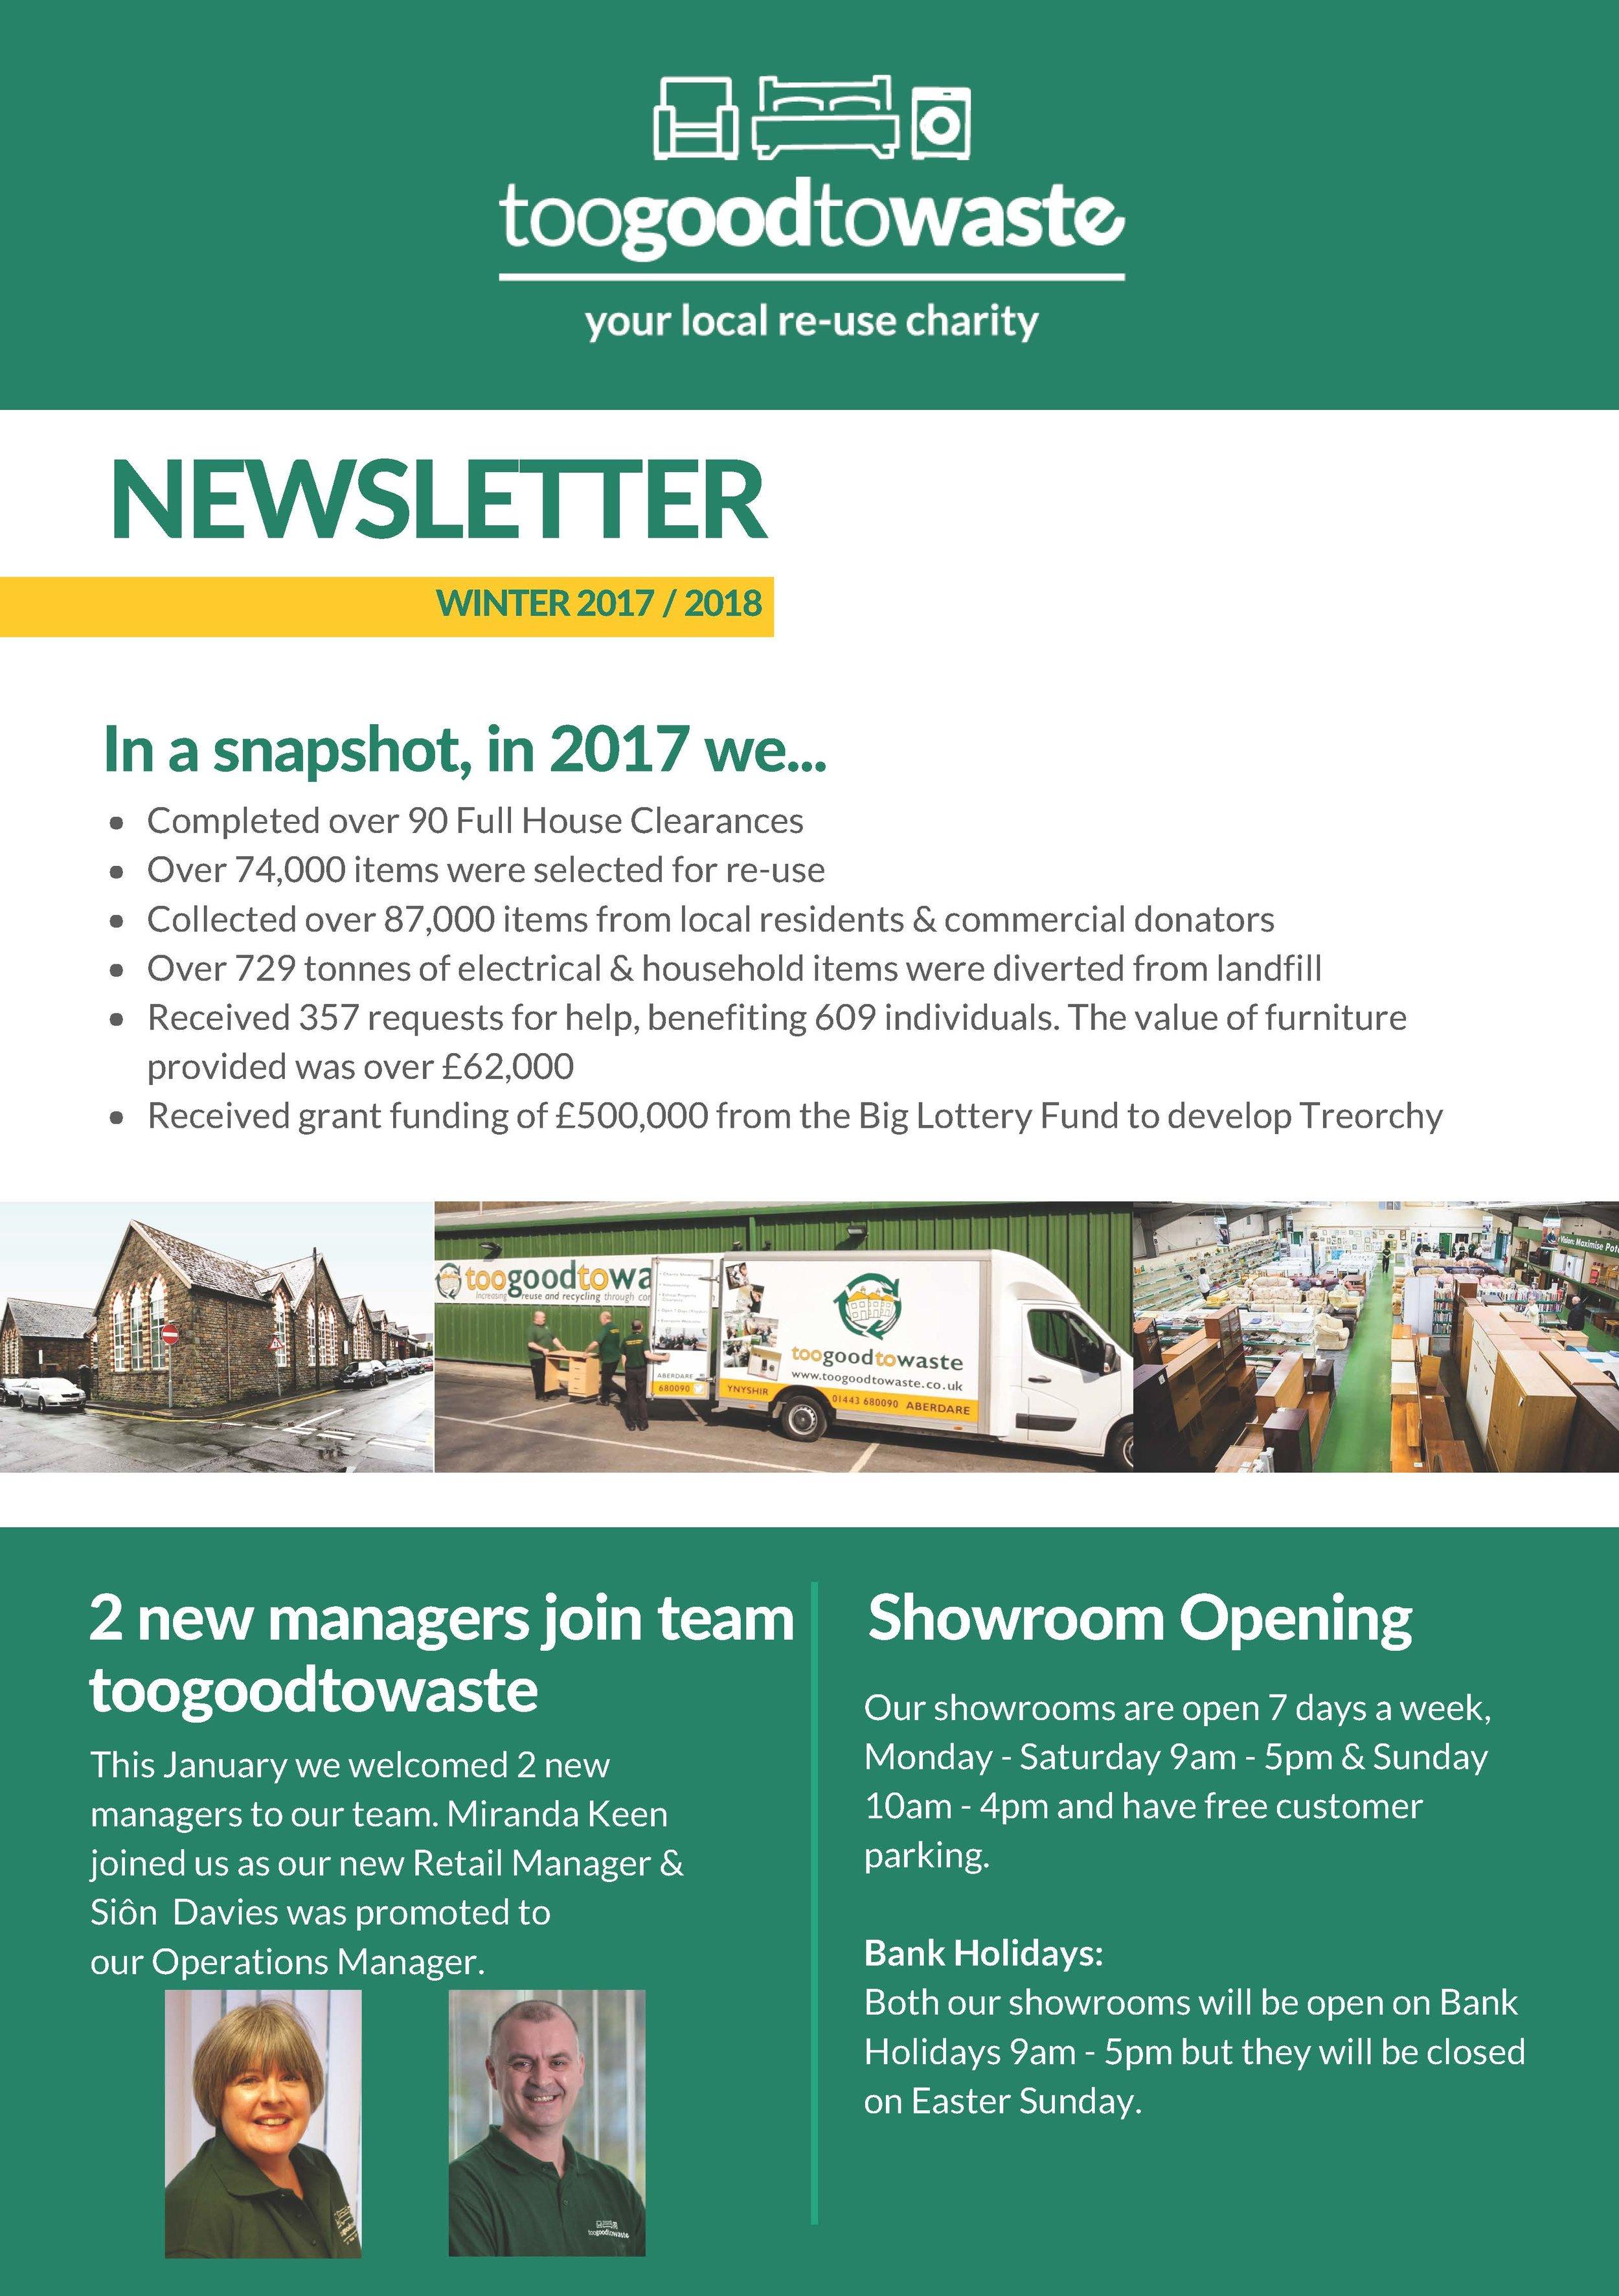 Winter Newsletter Front cover 2017 - 2018.jpg